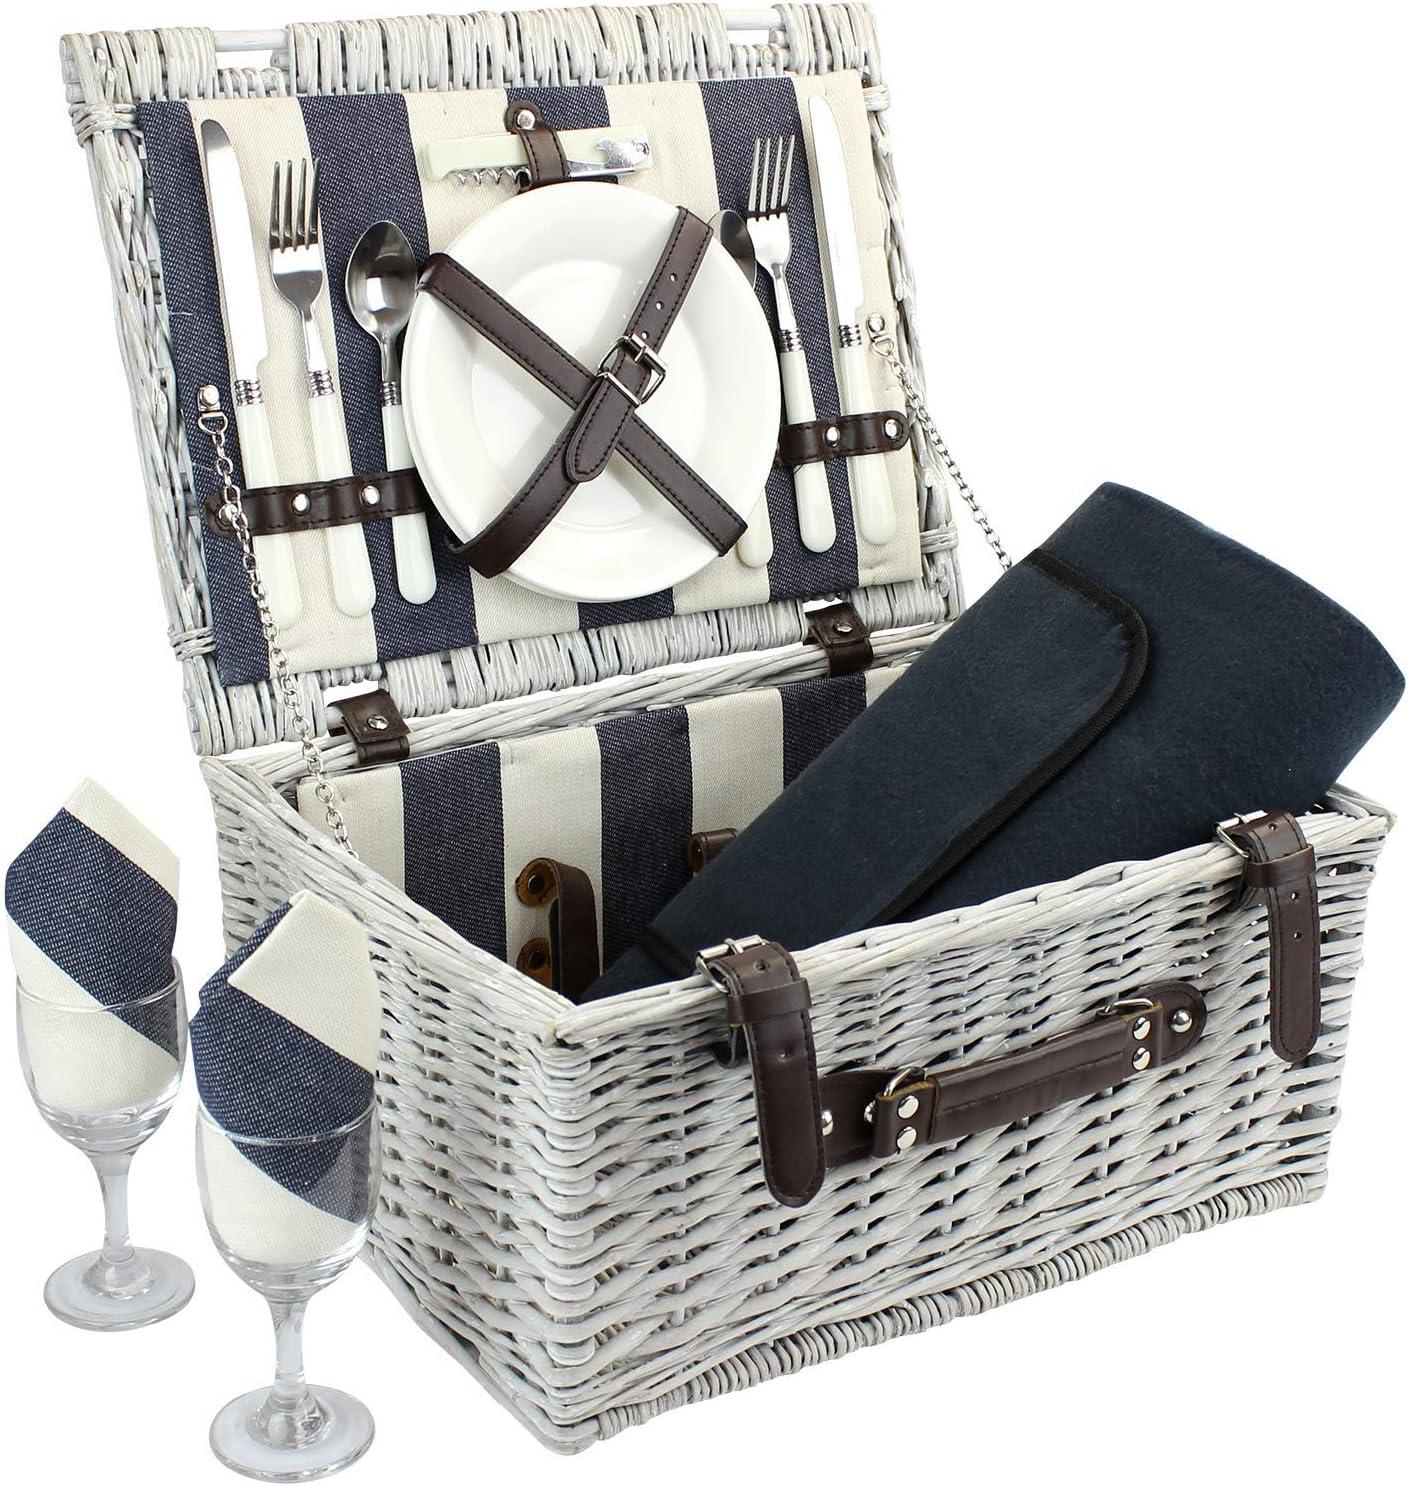 ZORMY Canasta de Picnic de Mimbre para 2 Personas con Manta de Picnic, cesto de Picnic con Cubiertos, Copas de Vino, Platos y servilletas, Rayas Azules